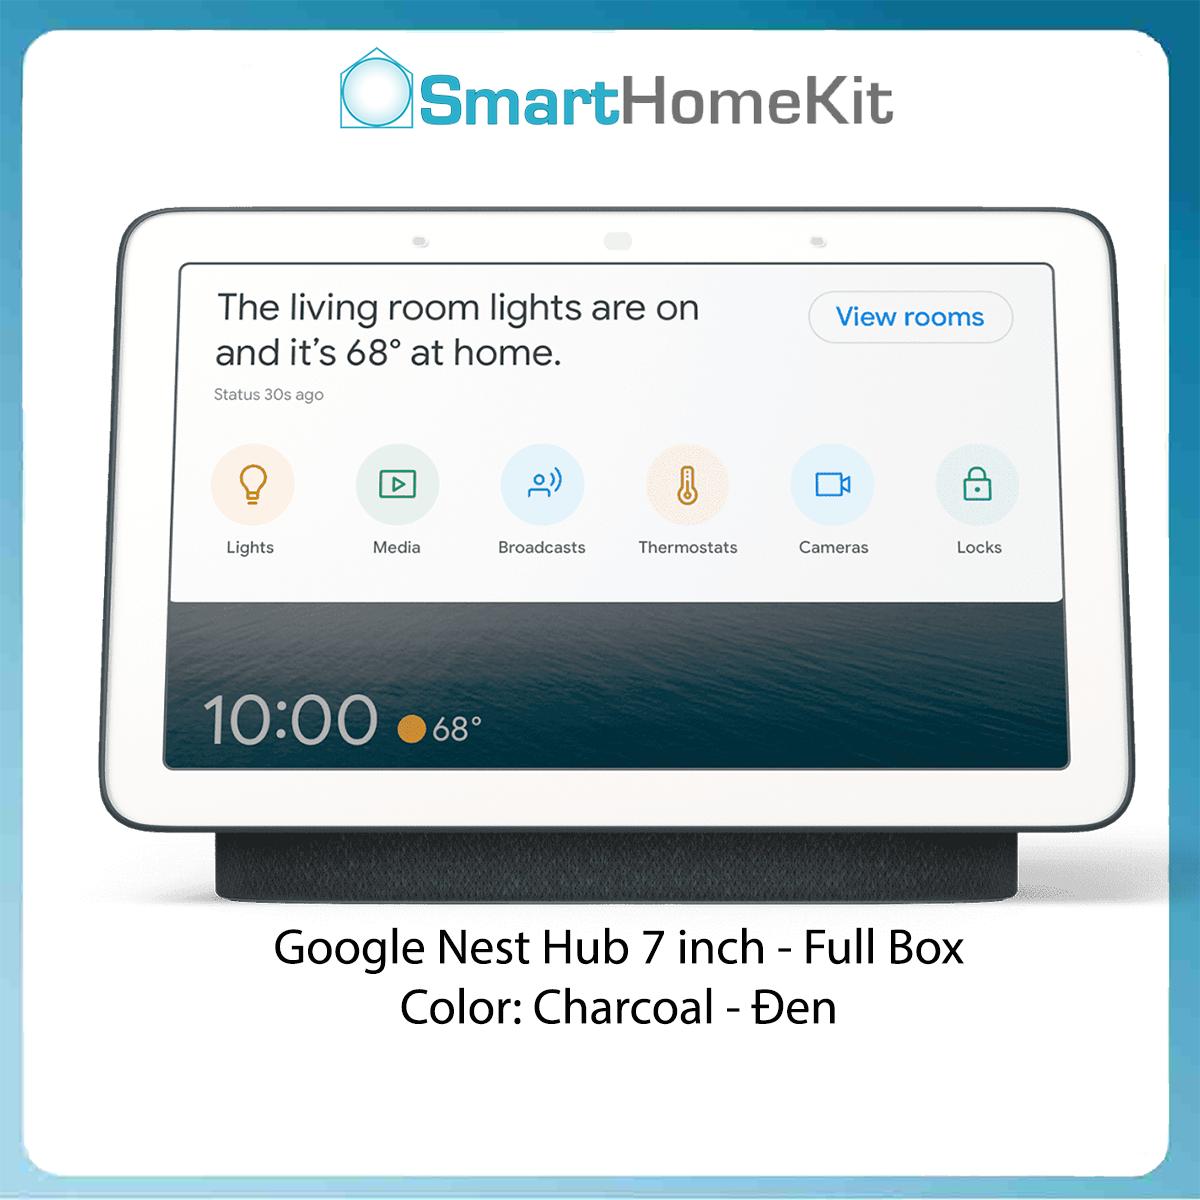 [FULL BOX MỚI 100%] Google Nest Hub 7″ Màn hình cảm ứng và loa thông minh tích hợp Trợ lý ảo – Smart HomeKit